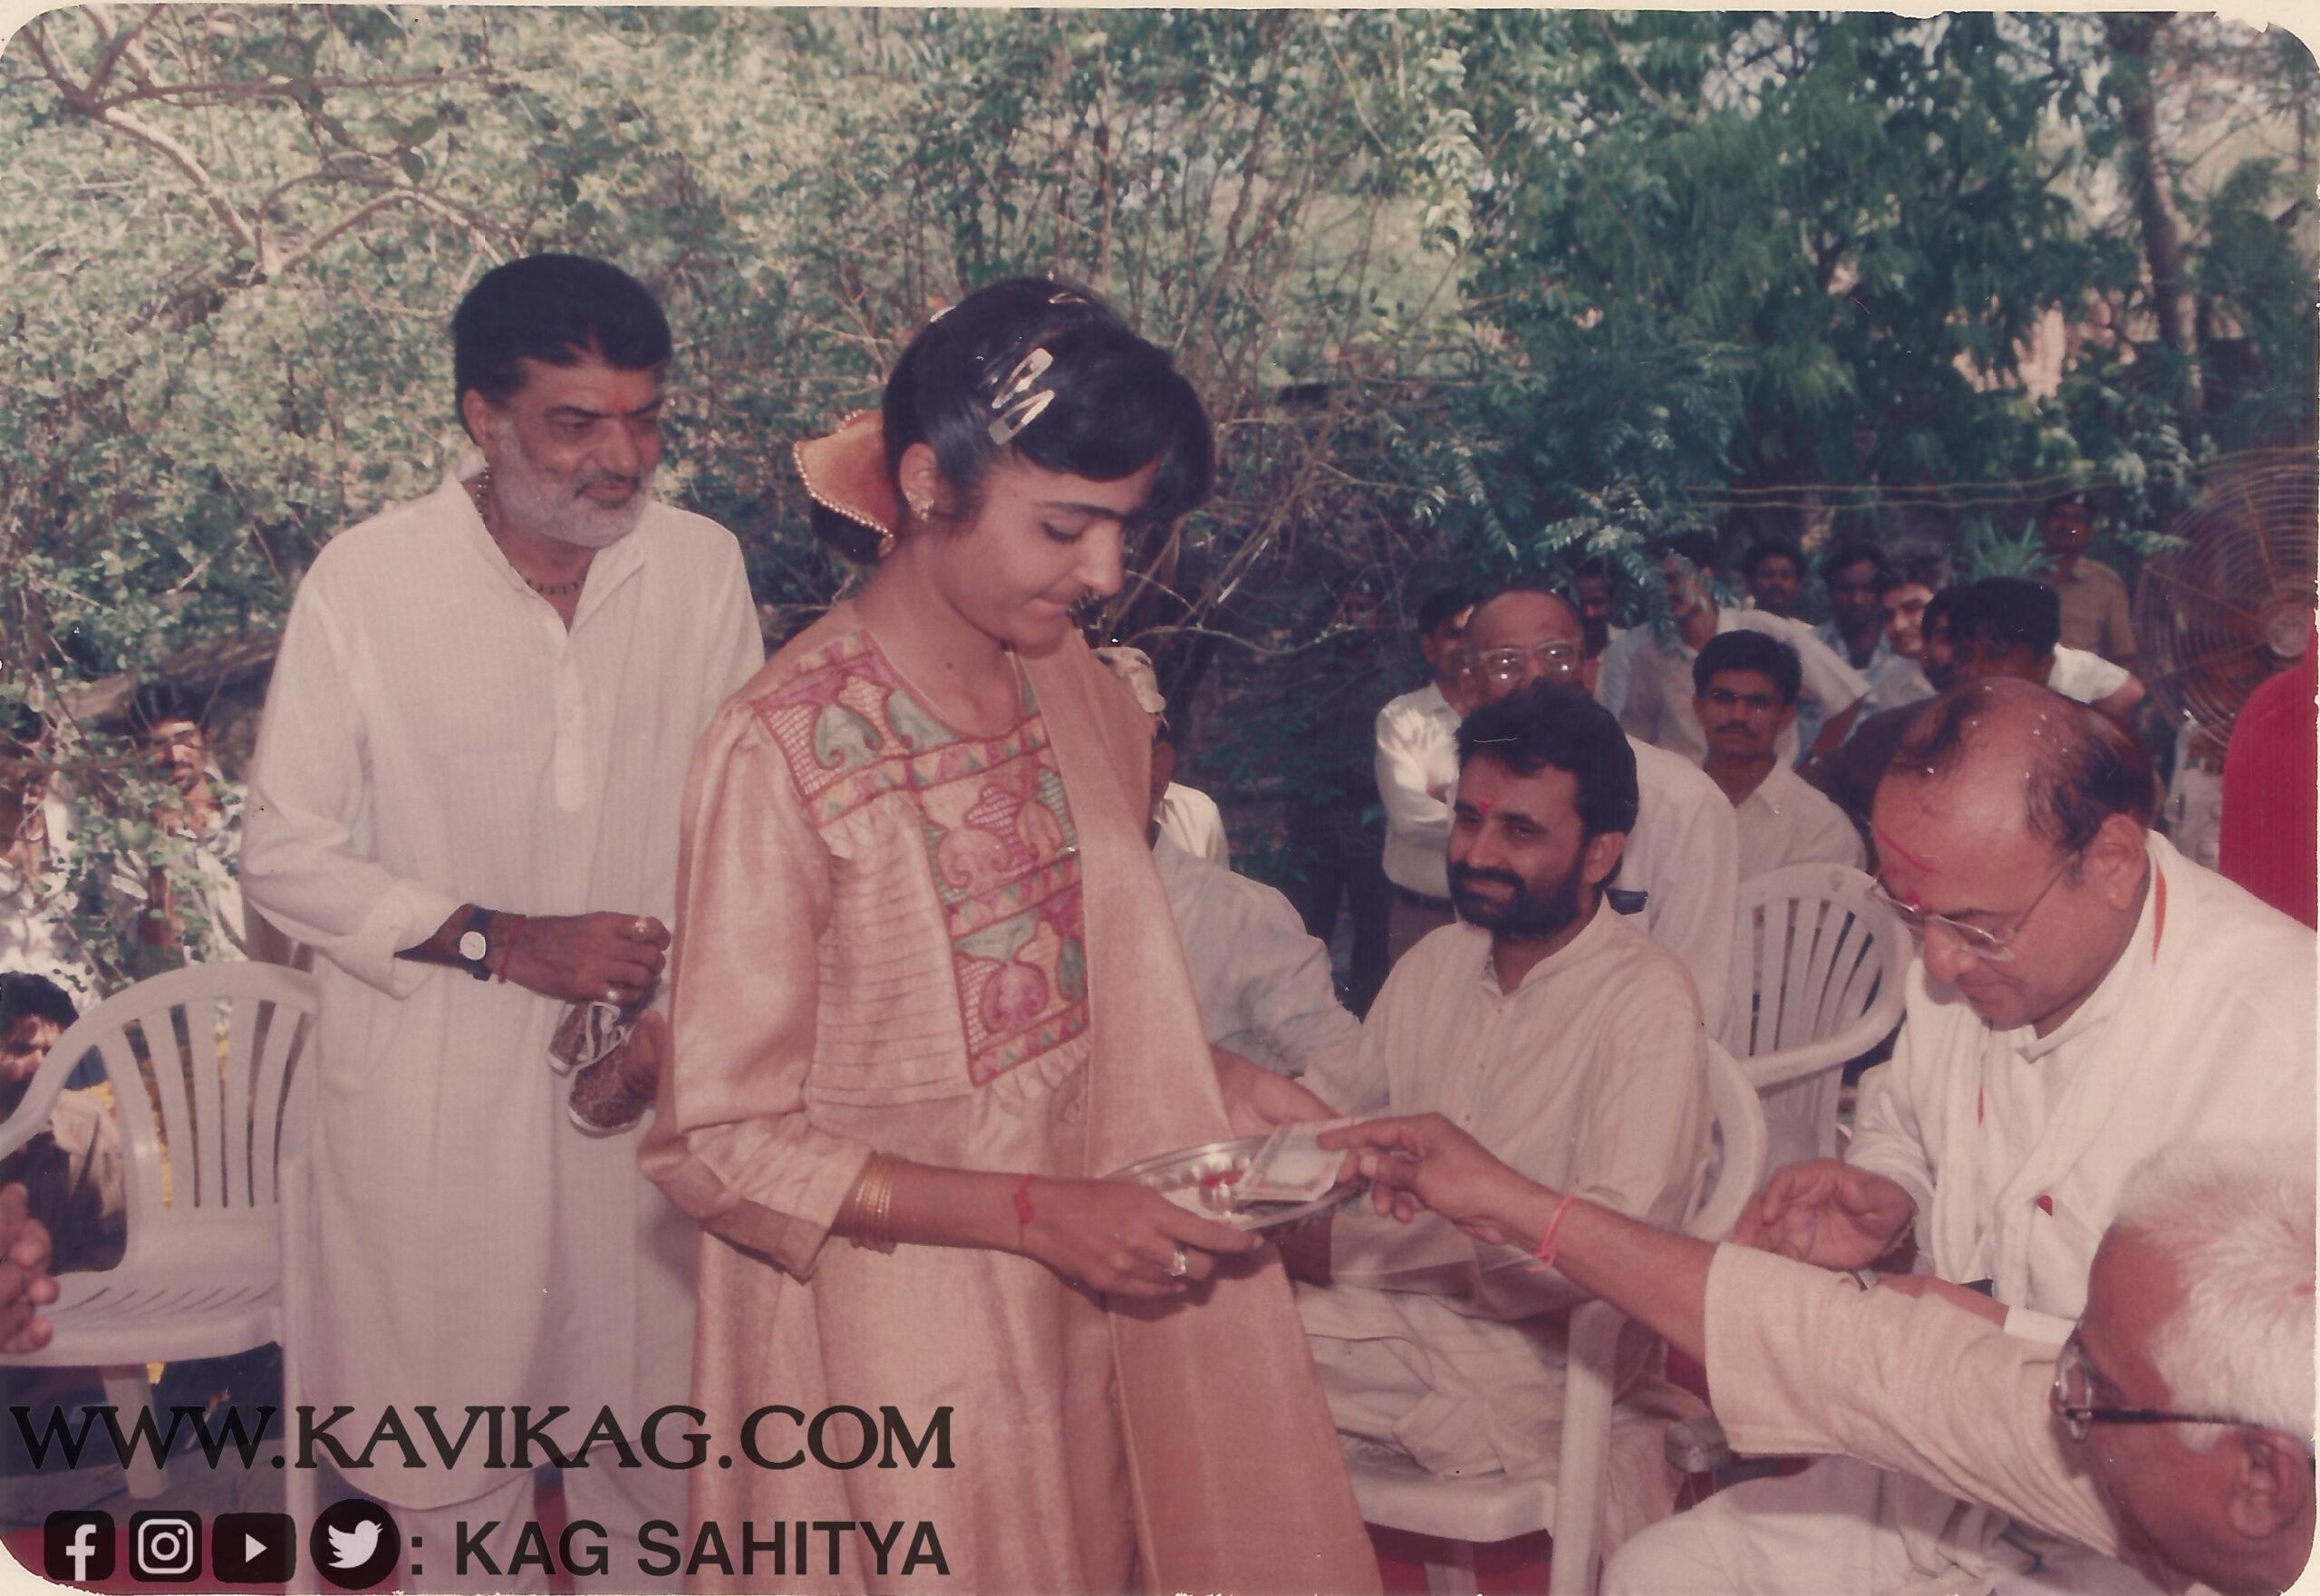 રામભાઈ કાગ તથા તેમની પુત્રી શ્રી હીનાબેન દ્વારા મહેમાનનું કુમકુમ તિલક થી સ્વાગત